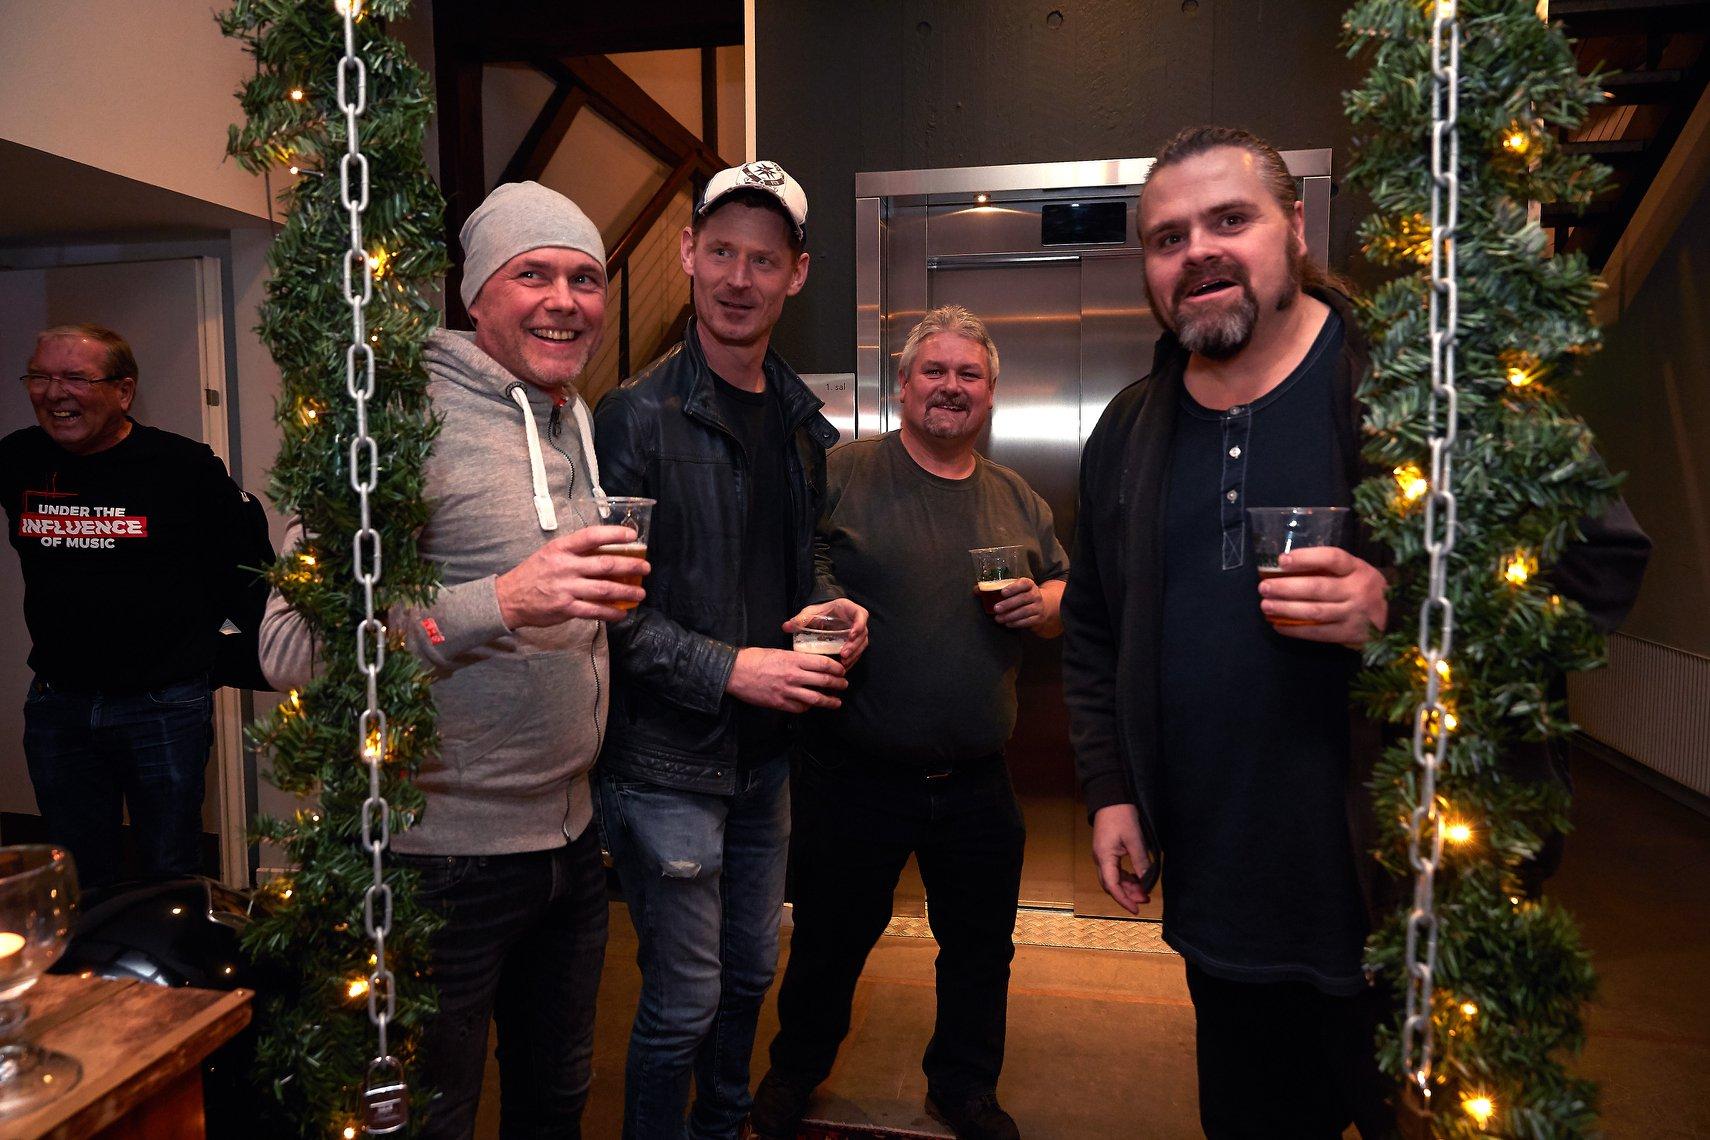 Se tv-indslag: Skrammelrockorkester fejrede sølvbryllup